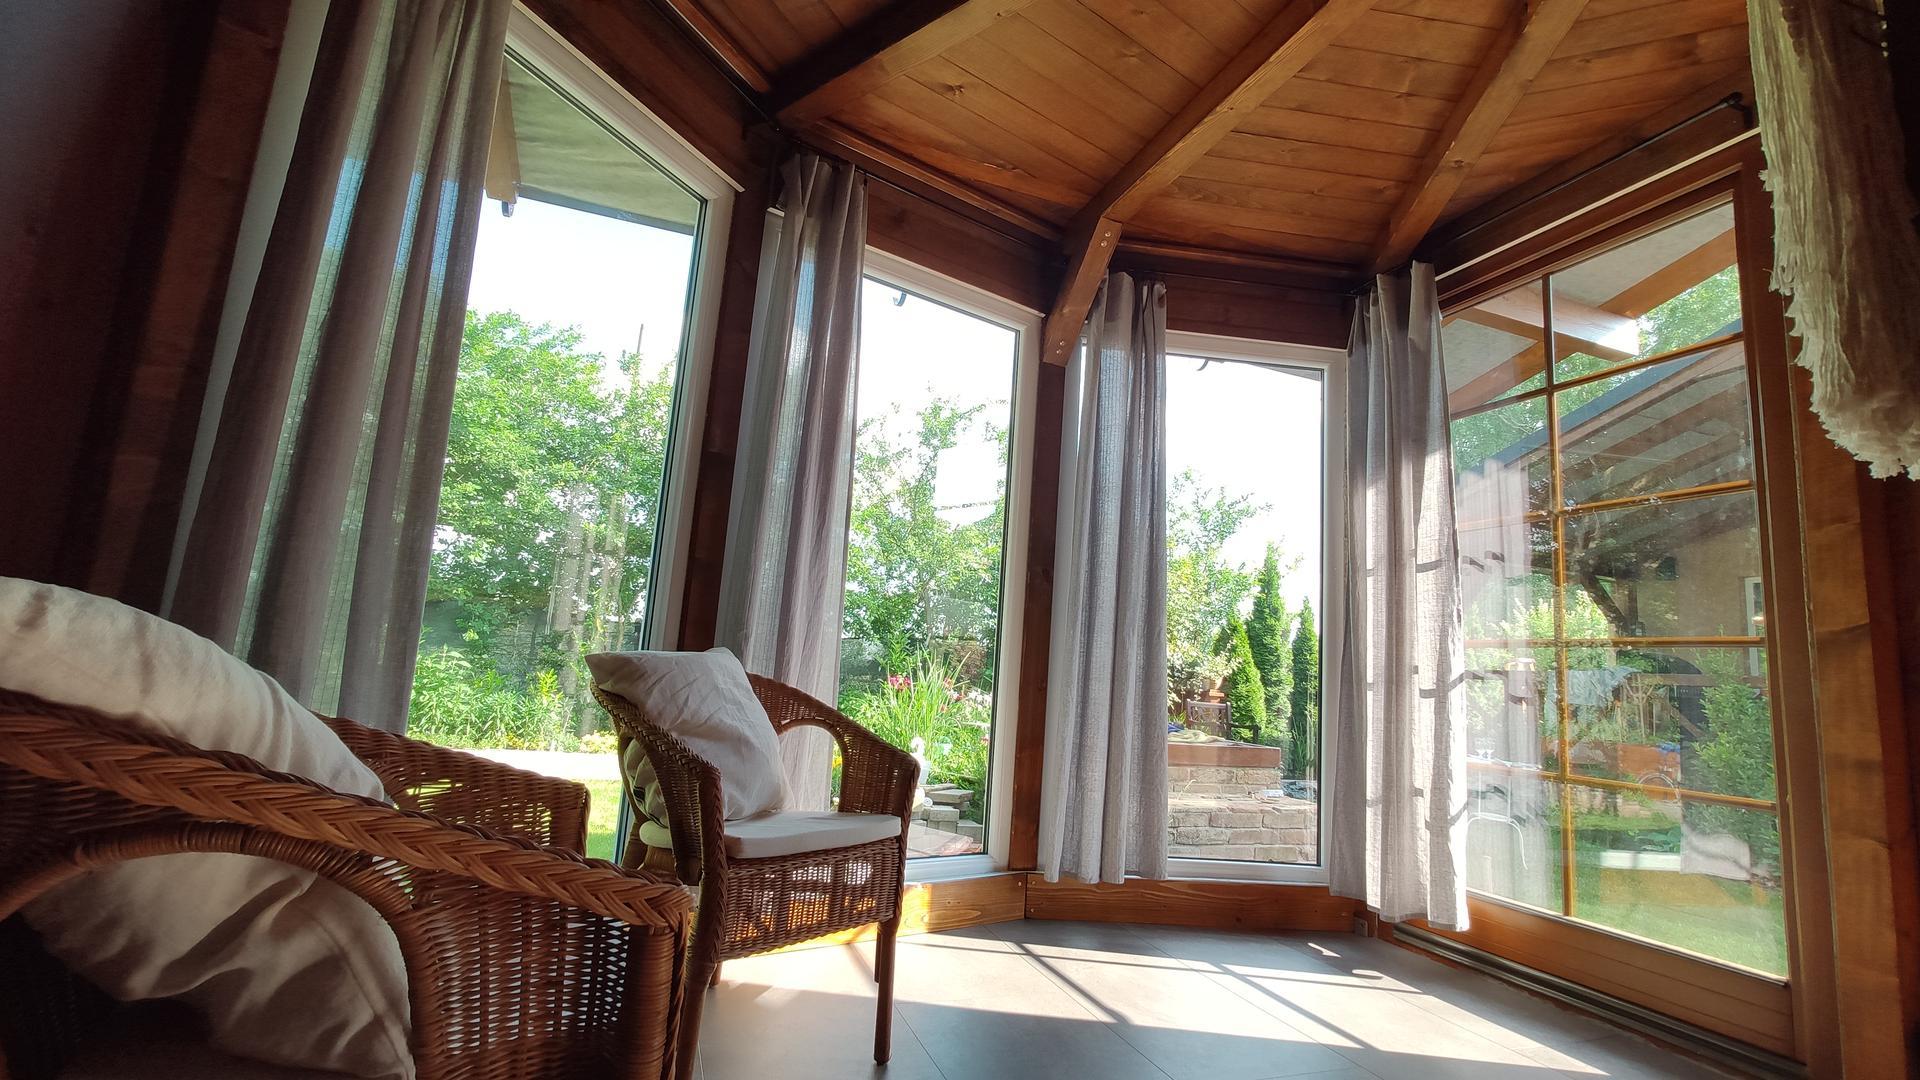 Relaxačný domček sauna a oddychová miestnosť ... plány, príprava a realizácia